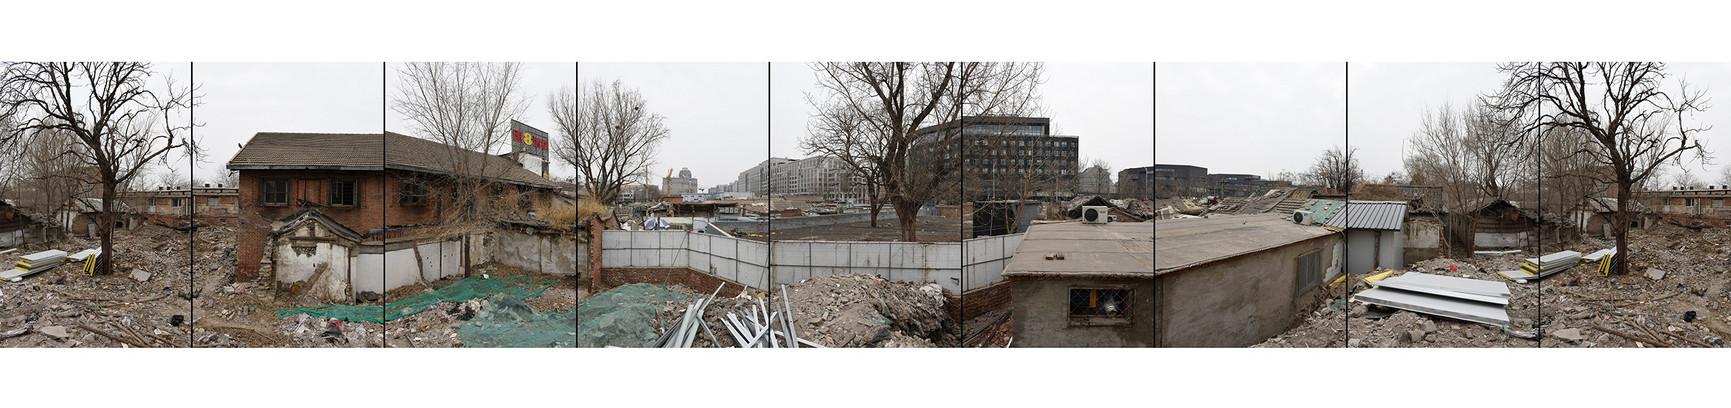 北京废墟12.jpg